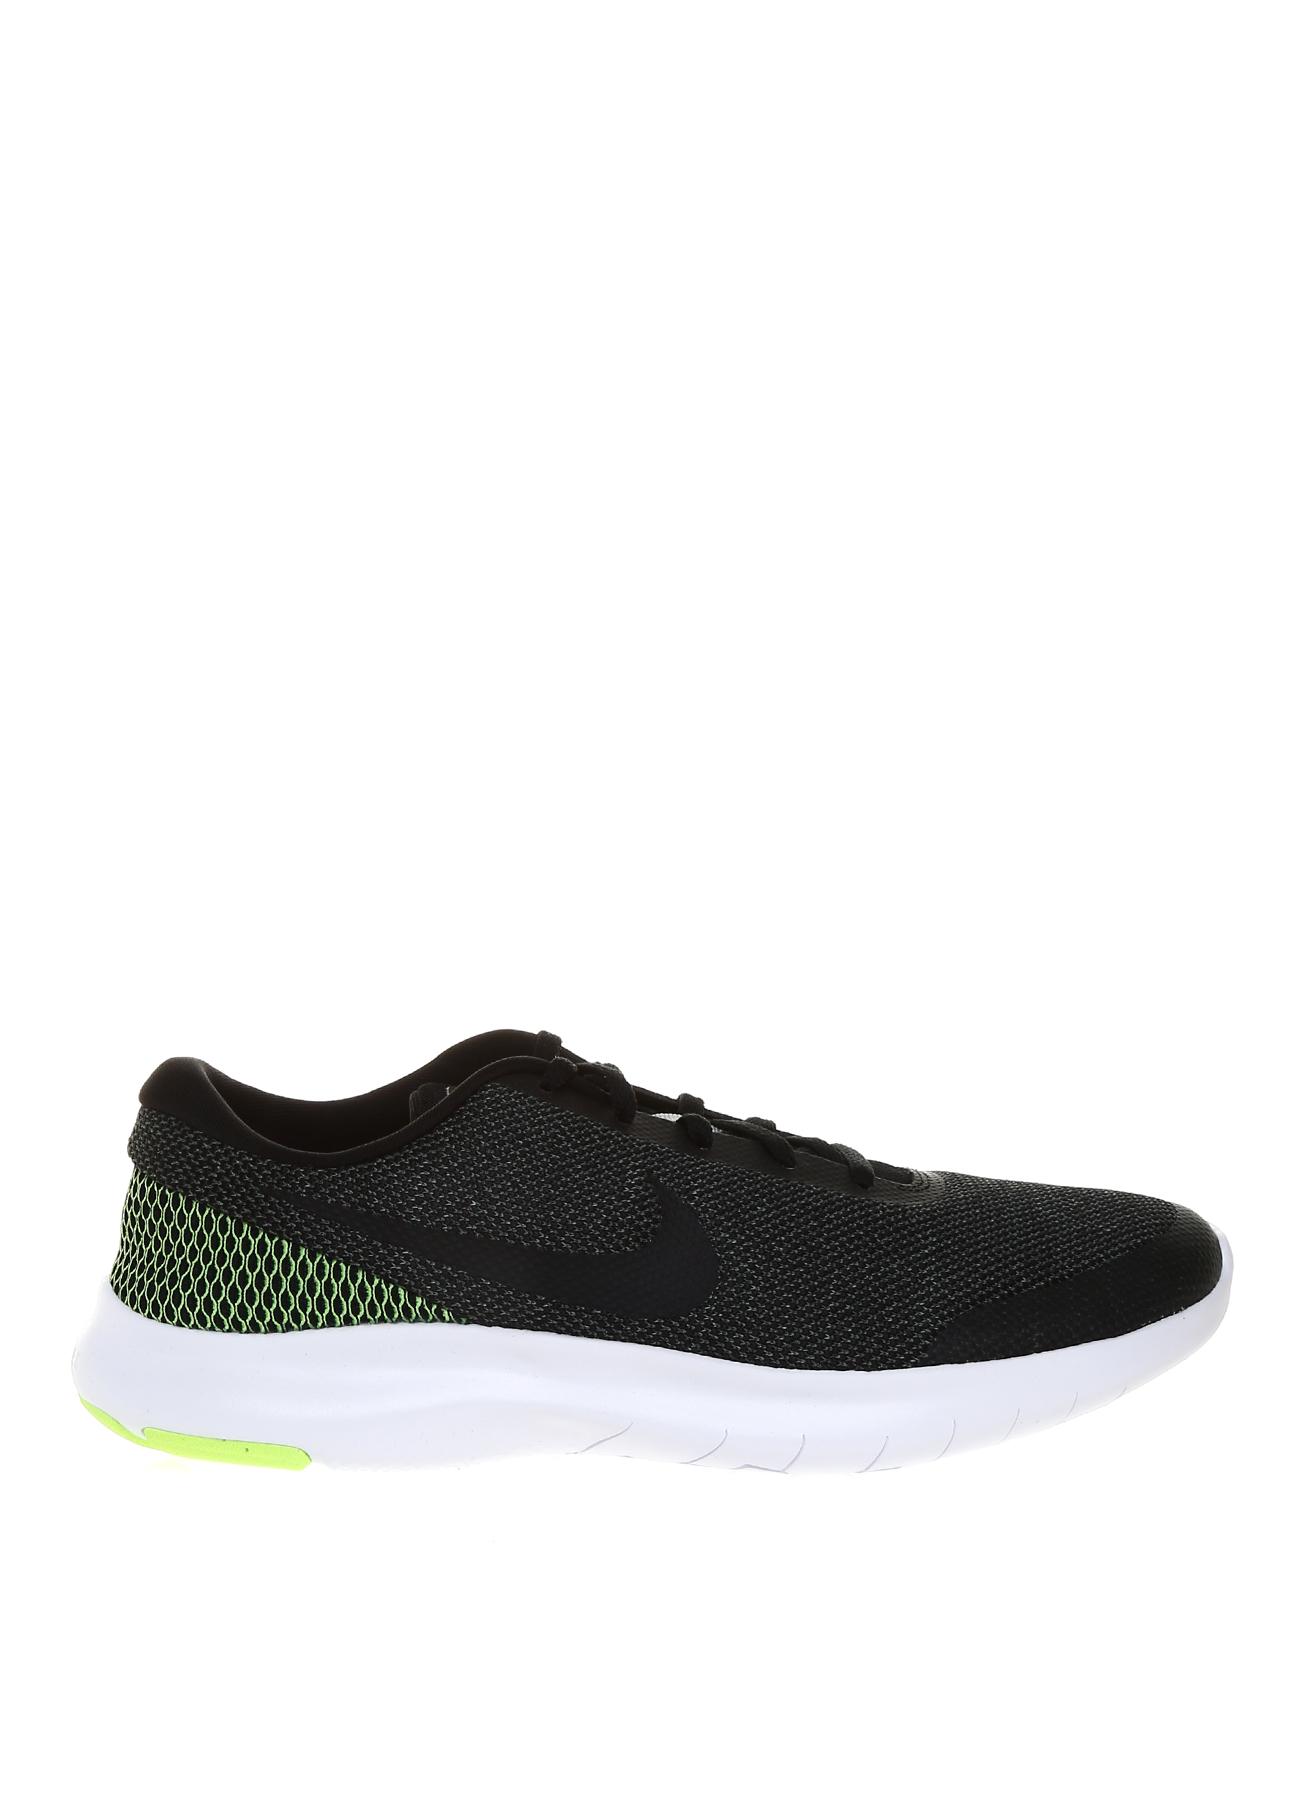 Nike Flex Experience RN 7 Running Koşu Ayakkabısı 42 5001634991003 Ürün Resmi